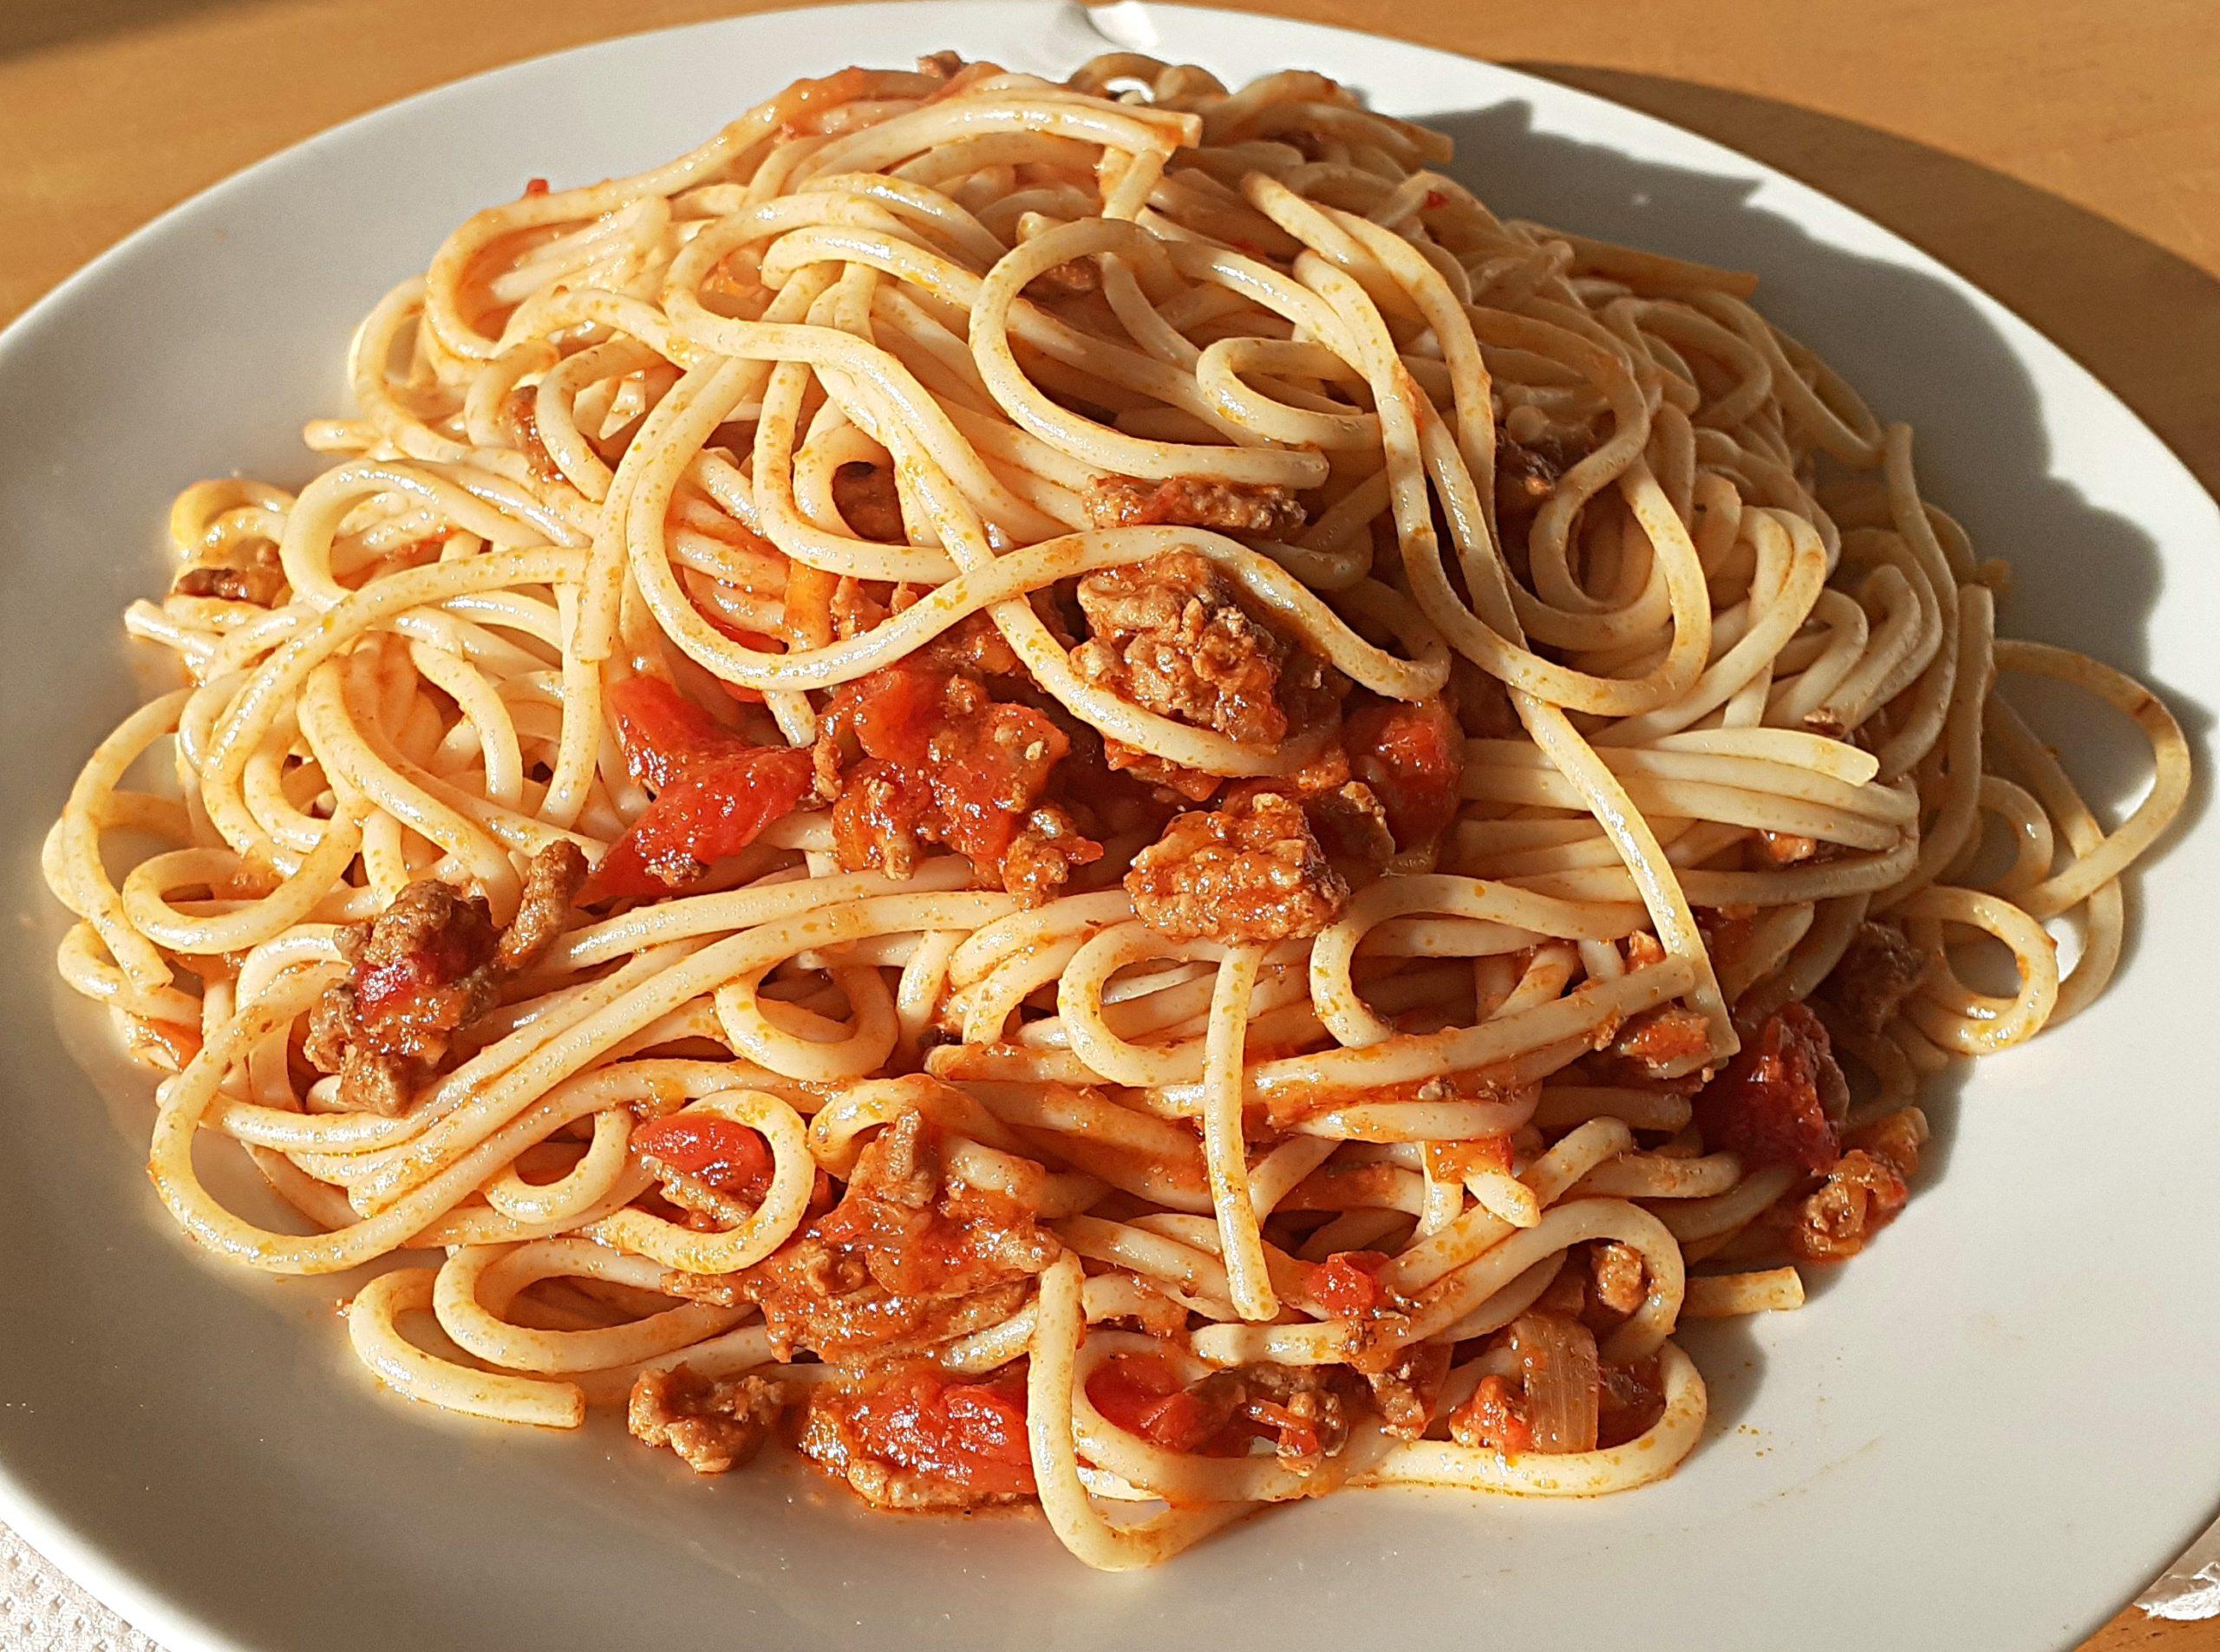 Annarita's Spaghetti Bolognese